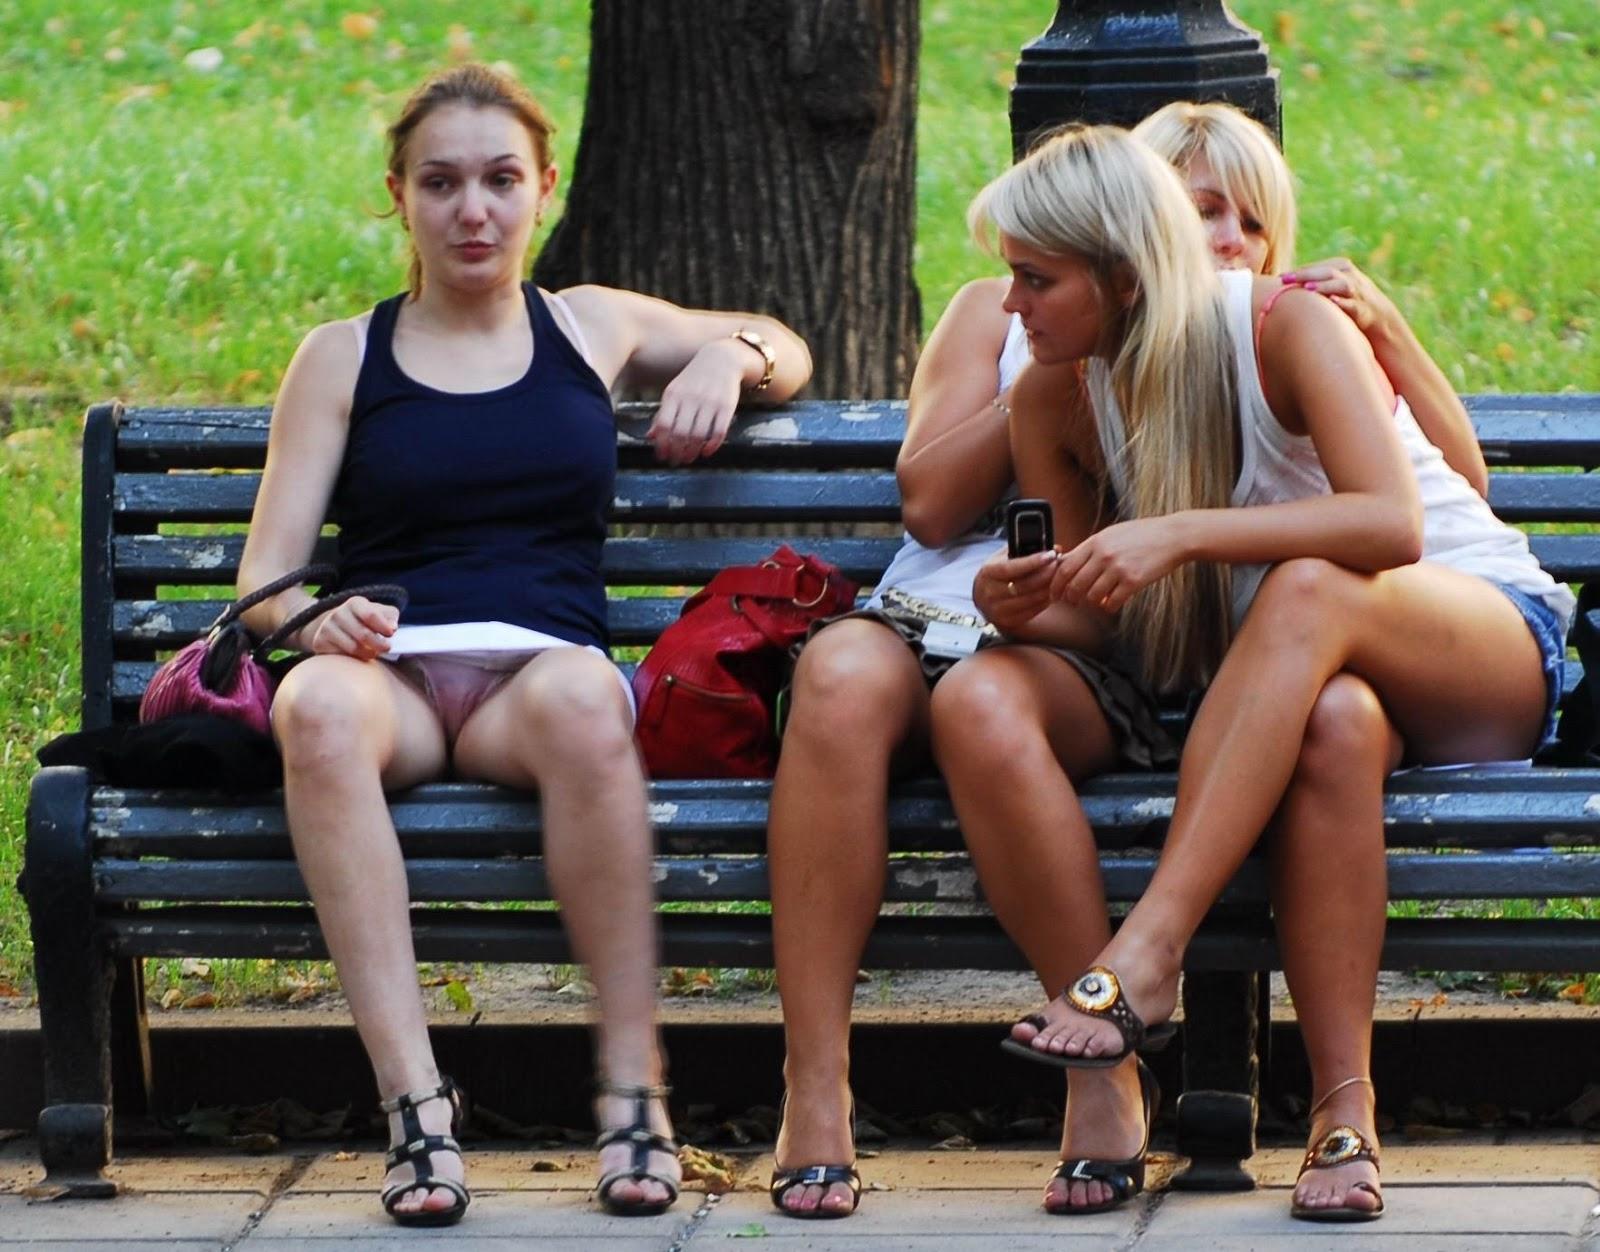 Фото под юбкой у подружек, Под юбкой у девушек -фото. Письки и трусики под 3 фотография